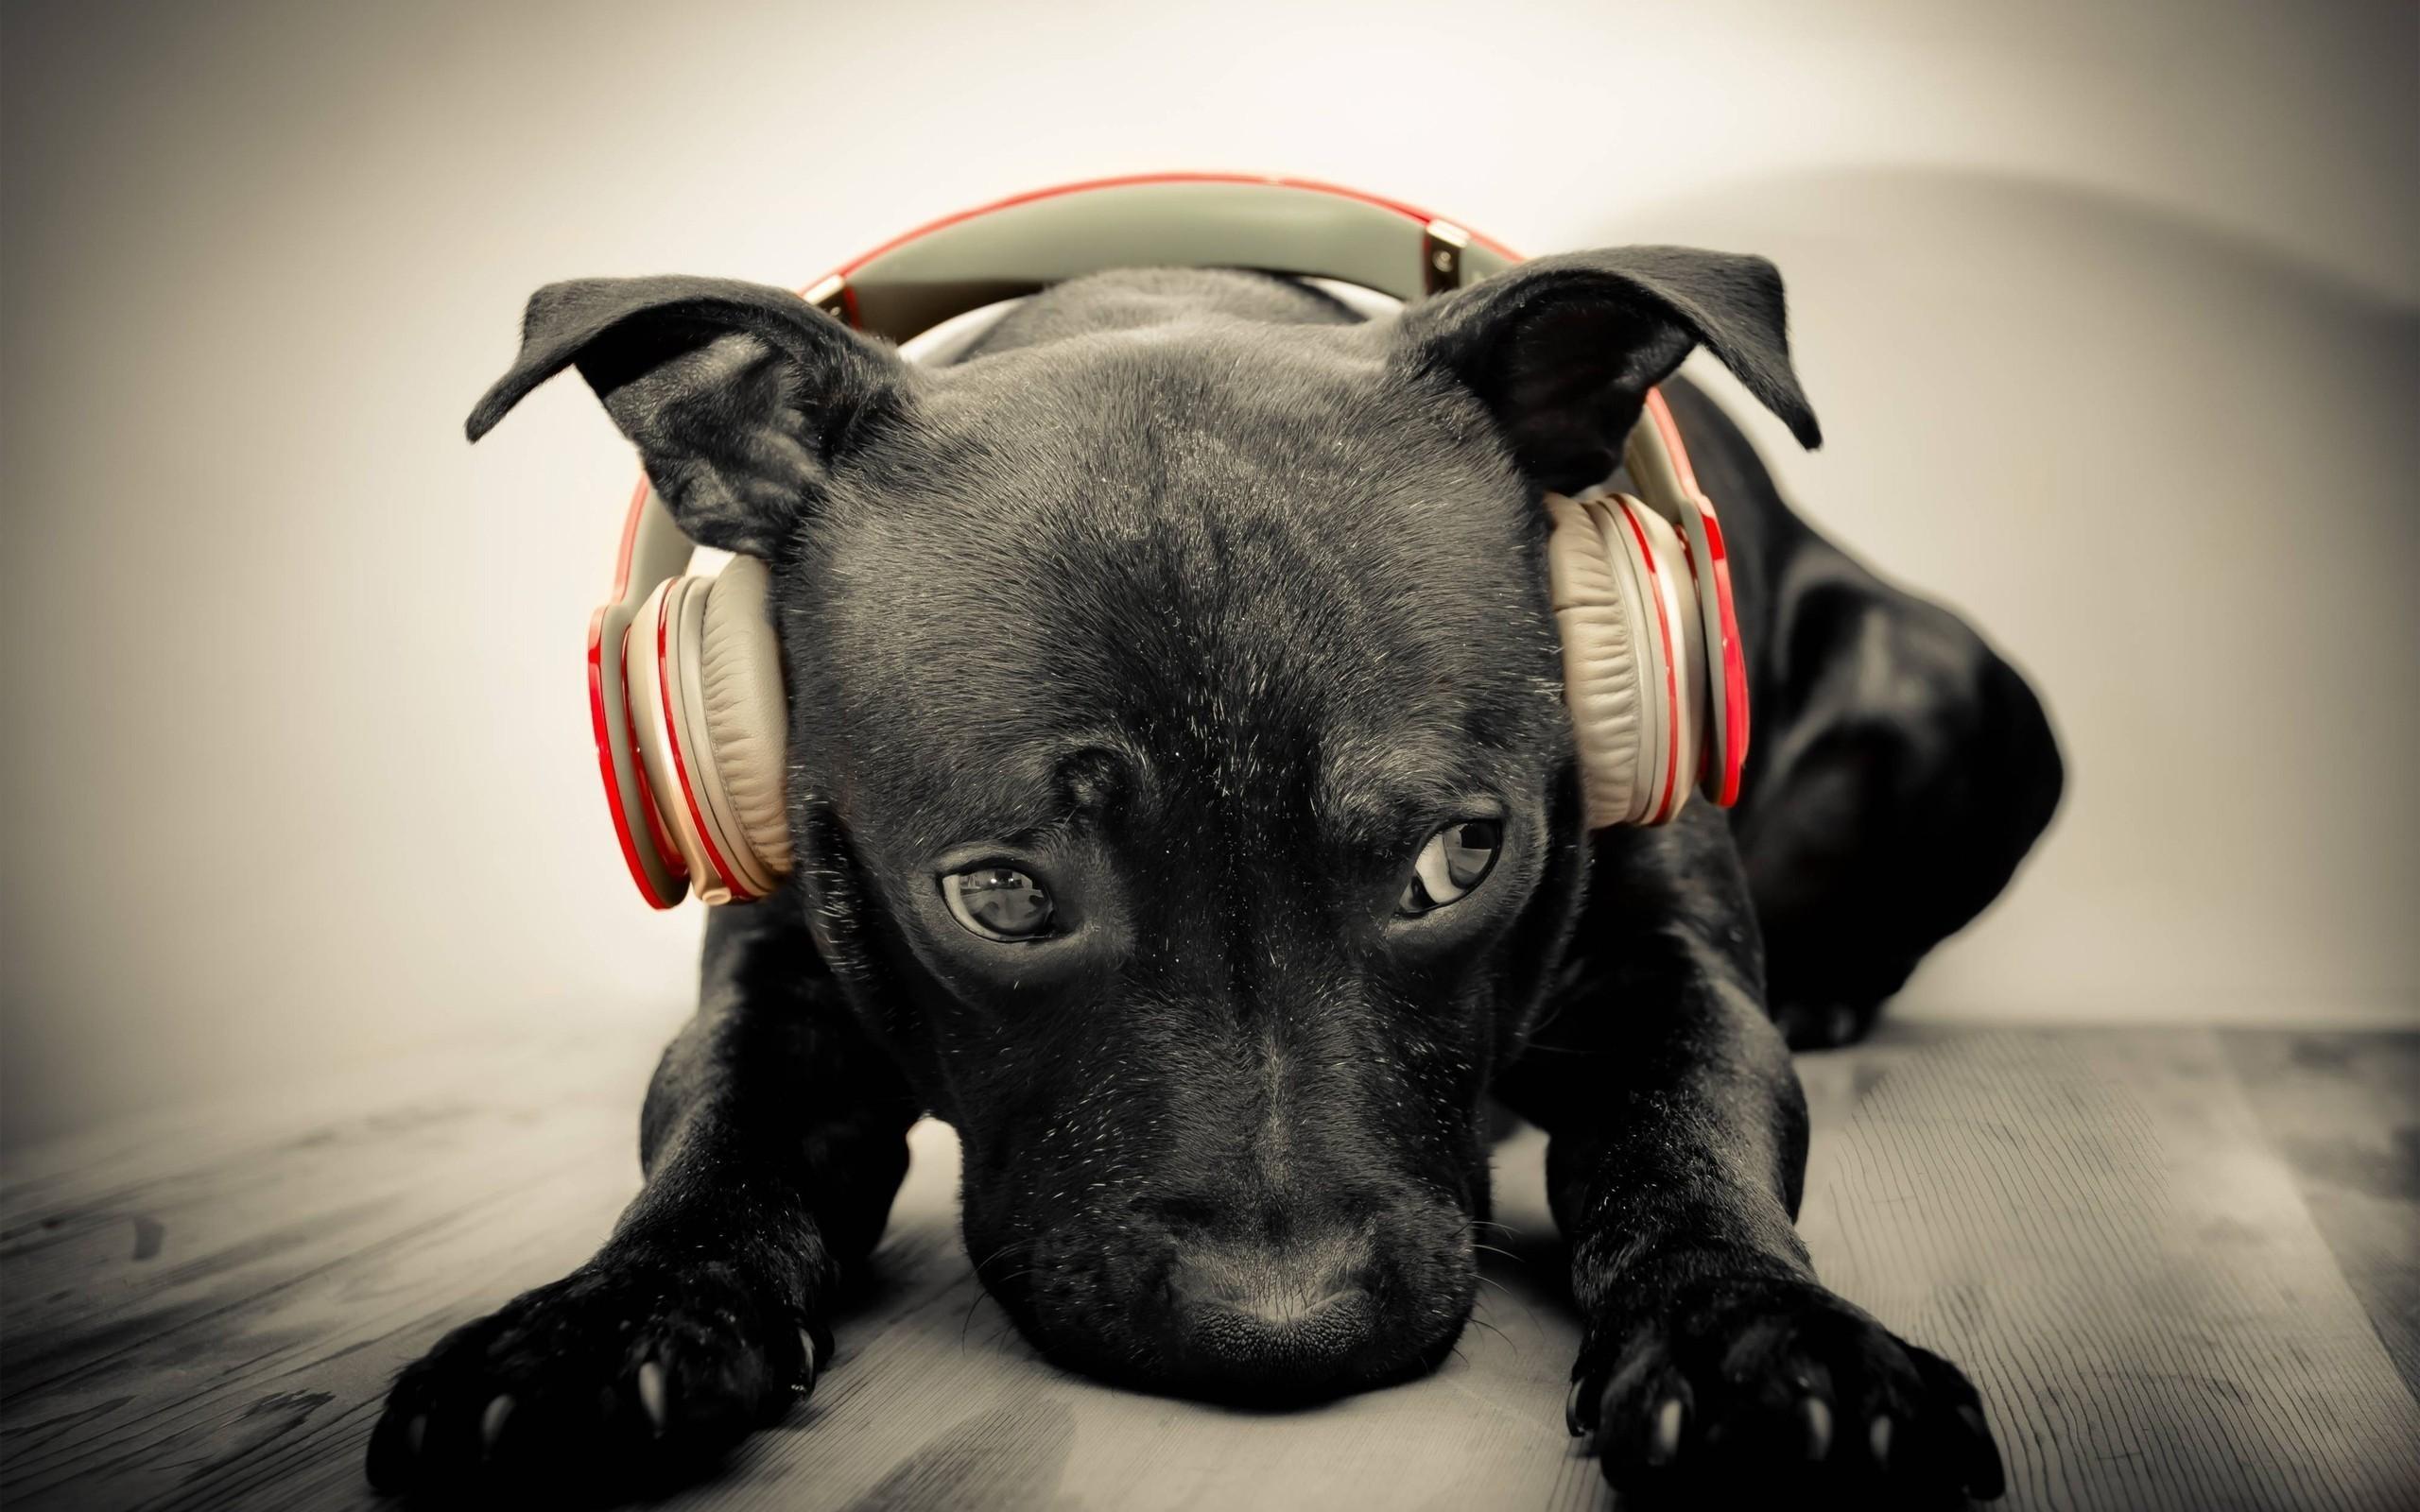 Какую музыку лучше не слушать на самоизоляции? 1